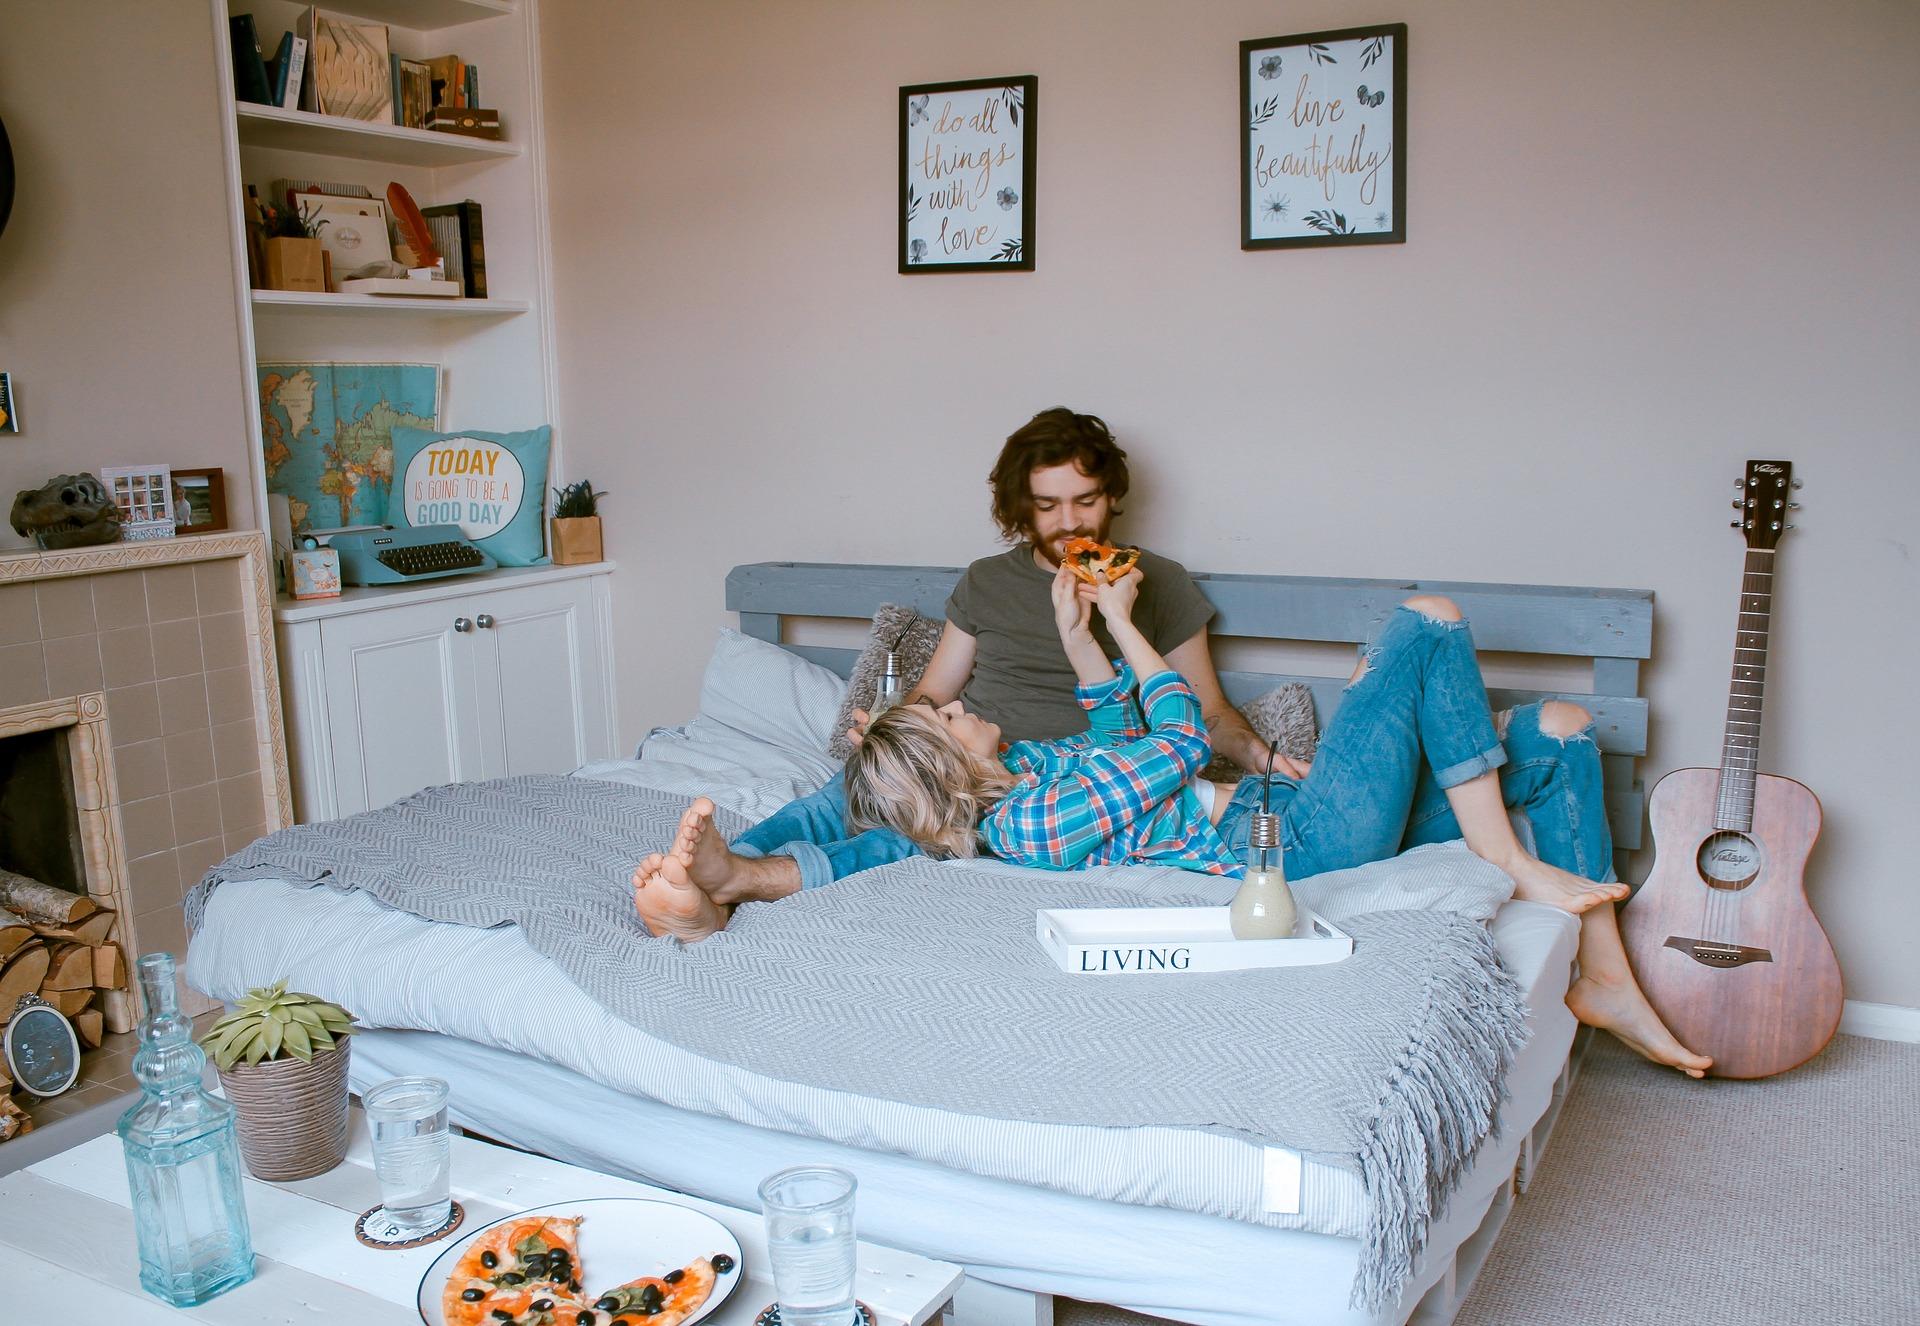 Faire chambre à part : une solution pour bien dormir ?